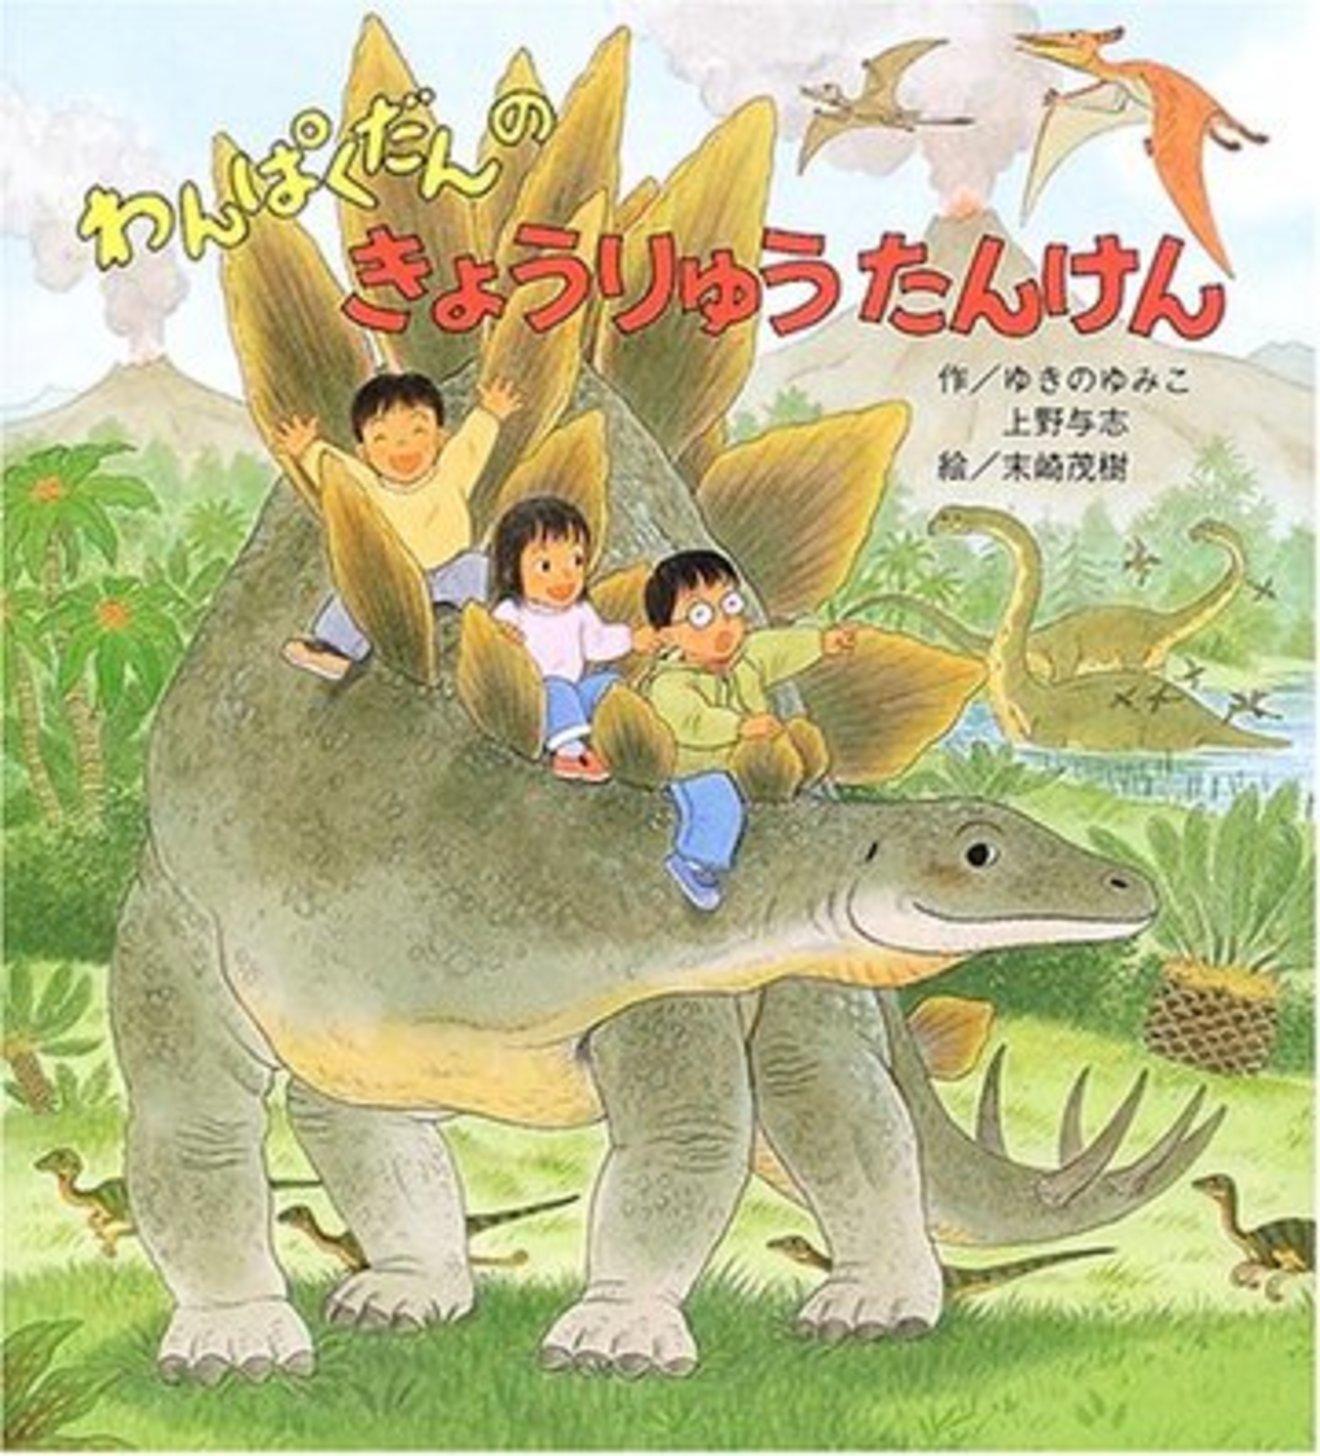 5分でわかるステゴサウルスの特徴!背中の板、名前の意味等わかりやすく解説